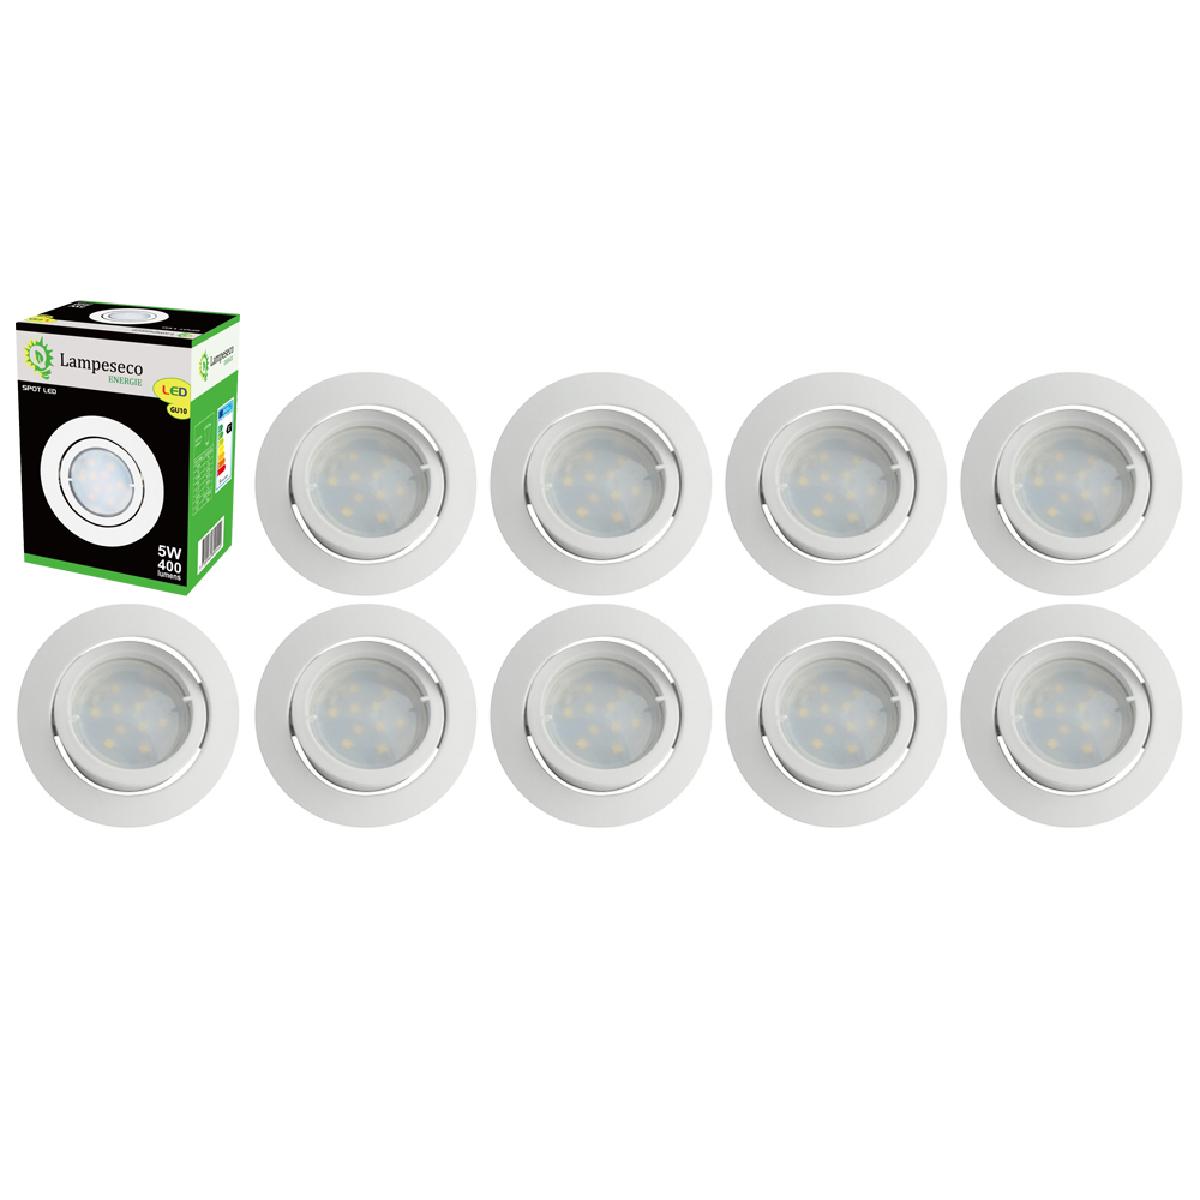 Eurobryte Lot de 10 Spot Led Encastrable Complete Blanc Orientable lumière Blanc Chaud eq. 50W ref.193